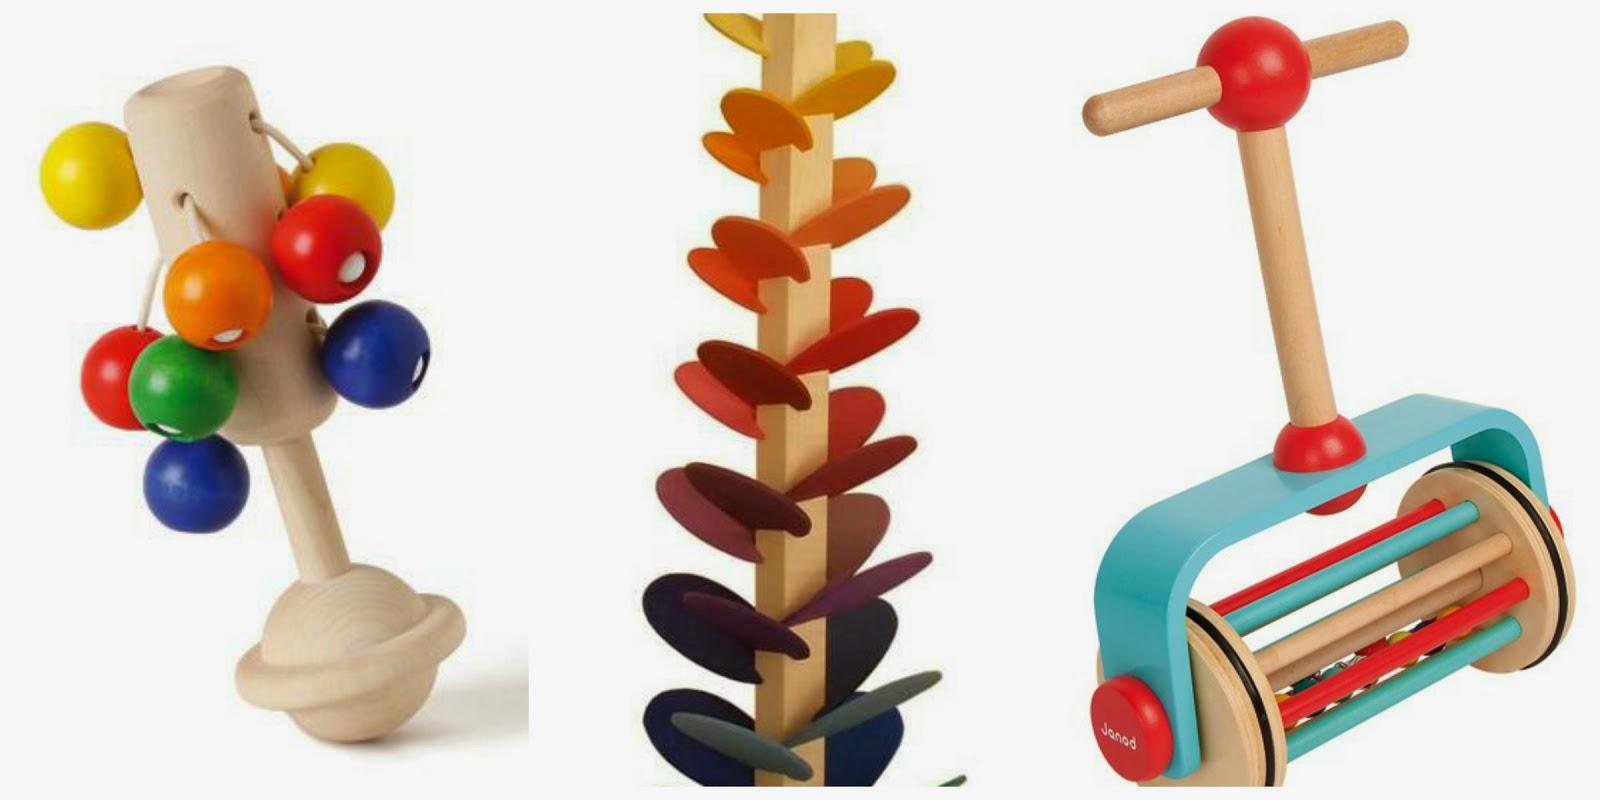 Trumpi juguetes educativos de madera - Muebles de juguete en madera ...